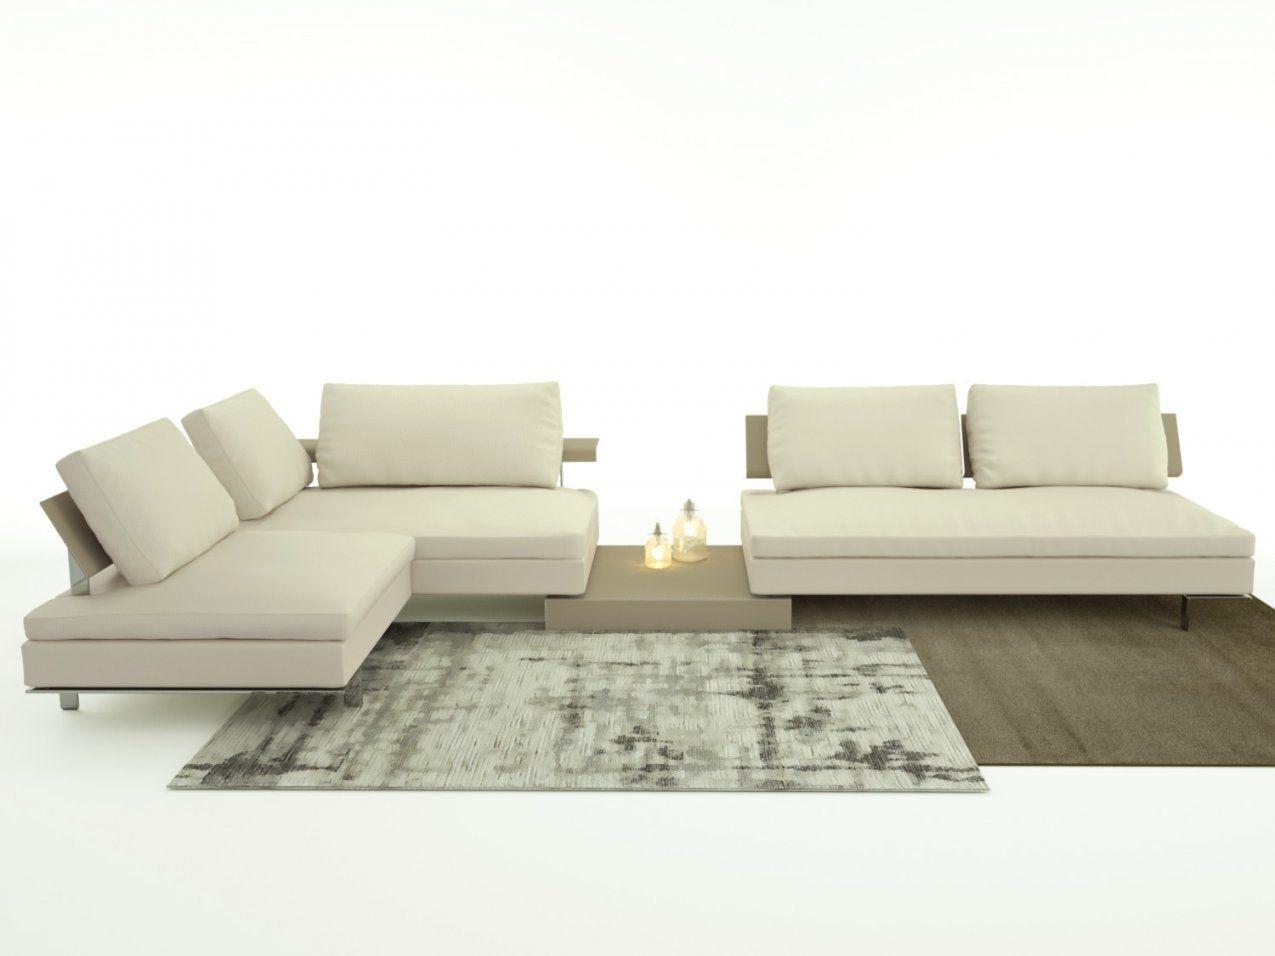 Sofa Mit Ablage  Die Schönsten Einrichtungsideen von Sofa Mit Integriertem Tisch Photo